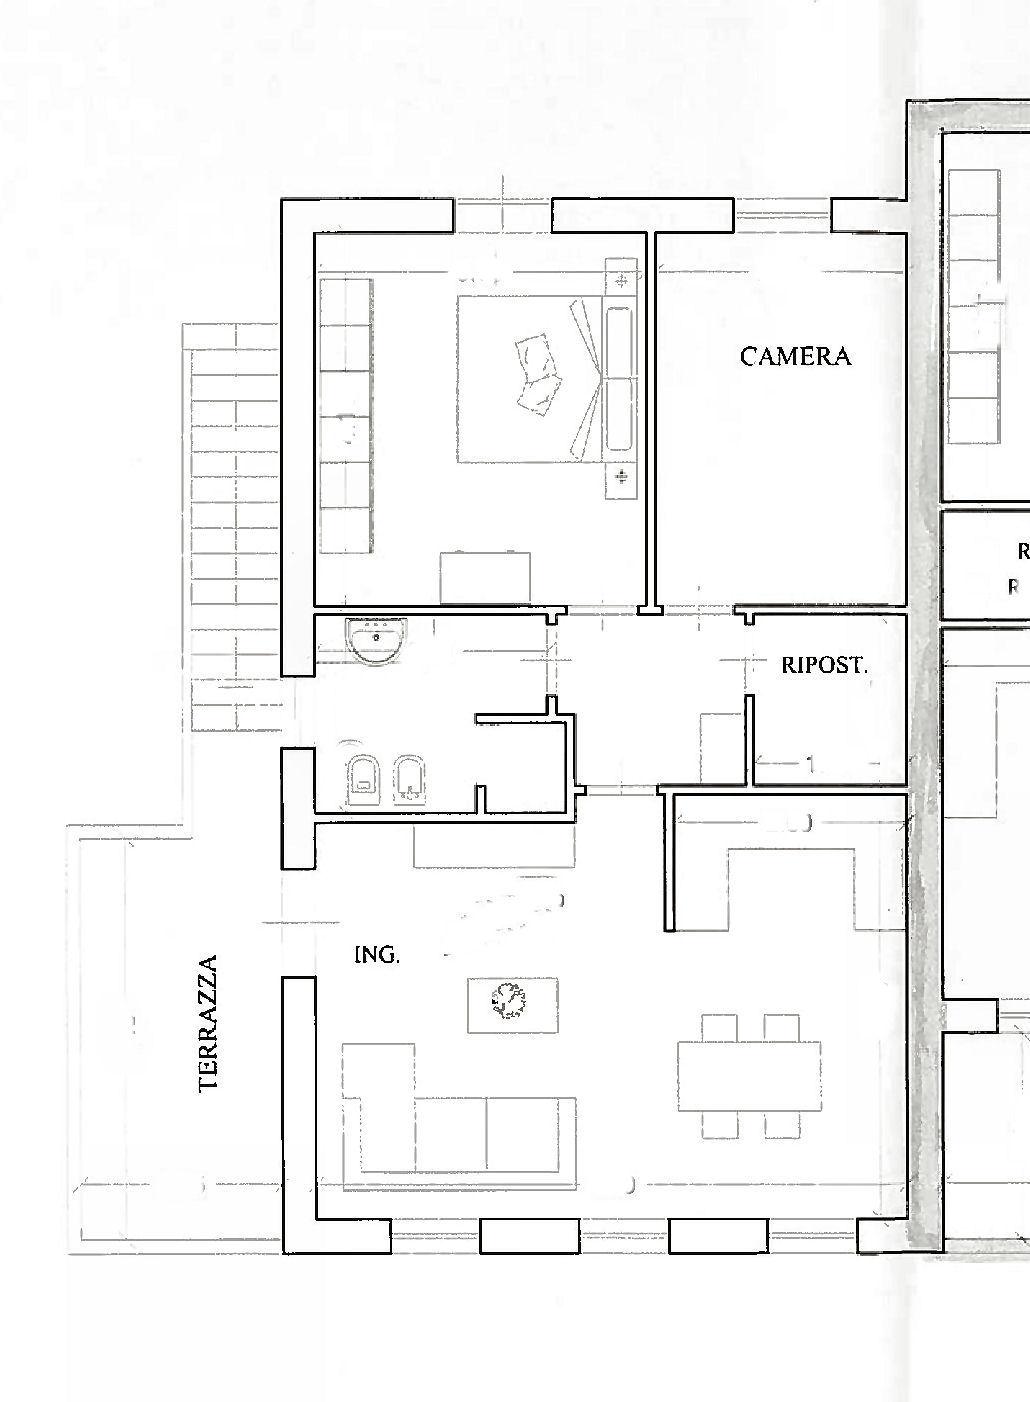 Appartamento in vendita, rif. 02426 (Planimetria 1/1)